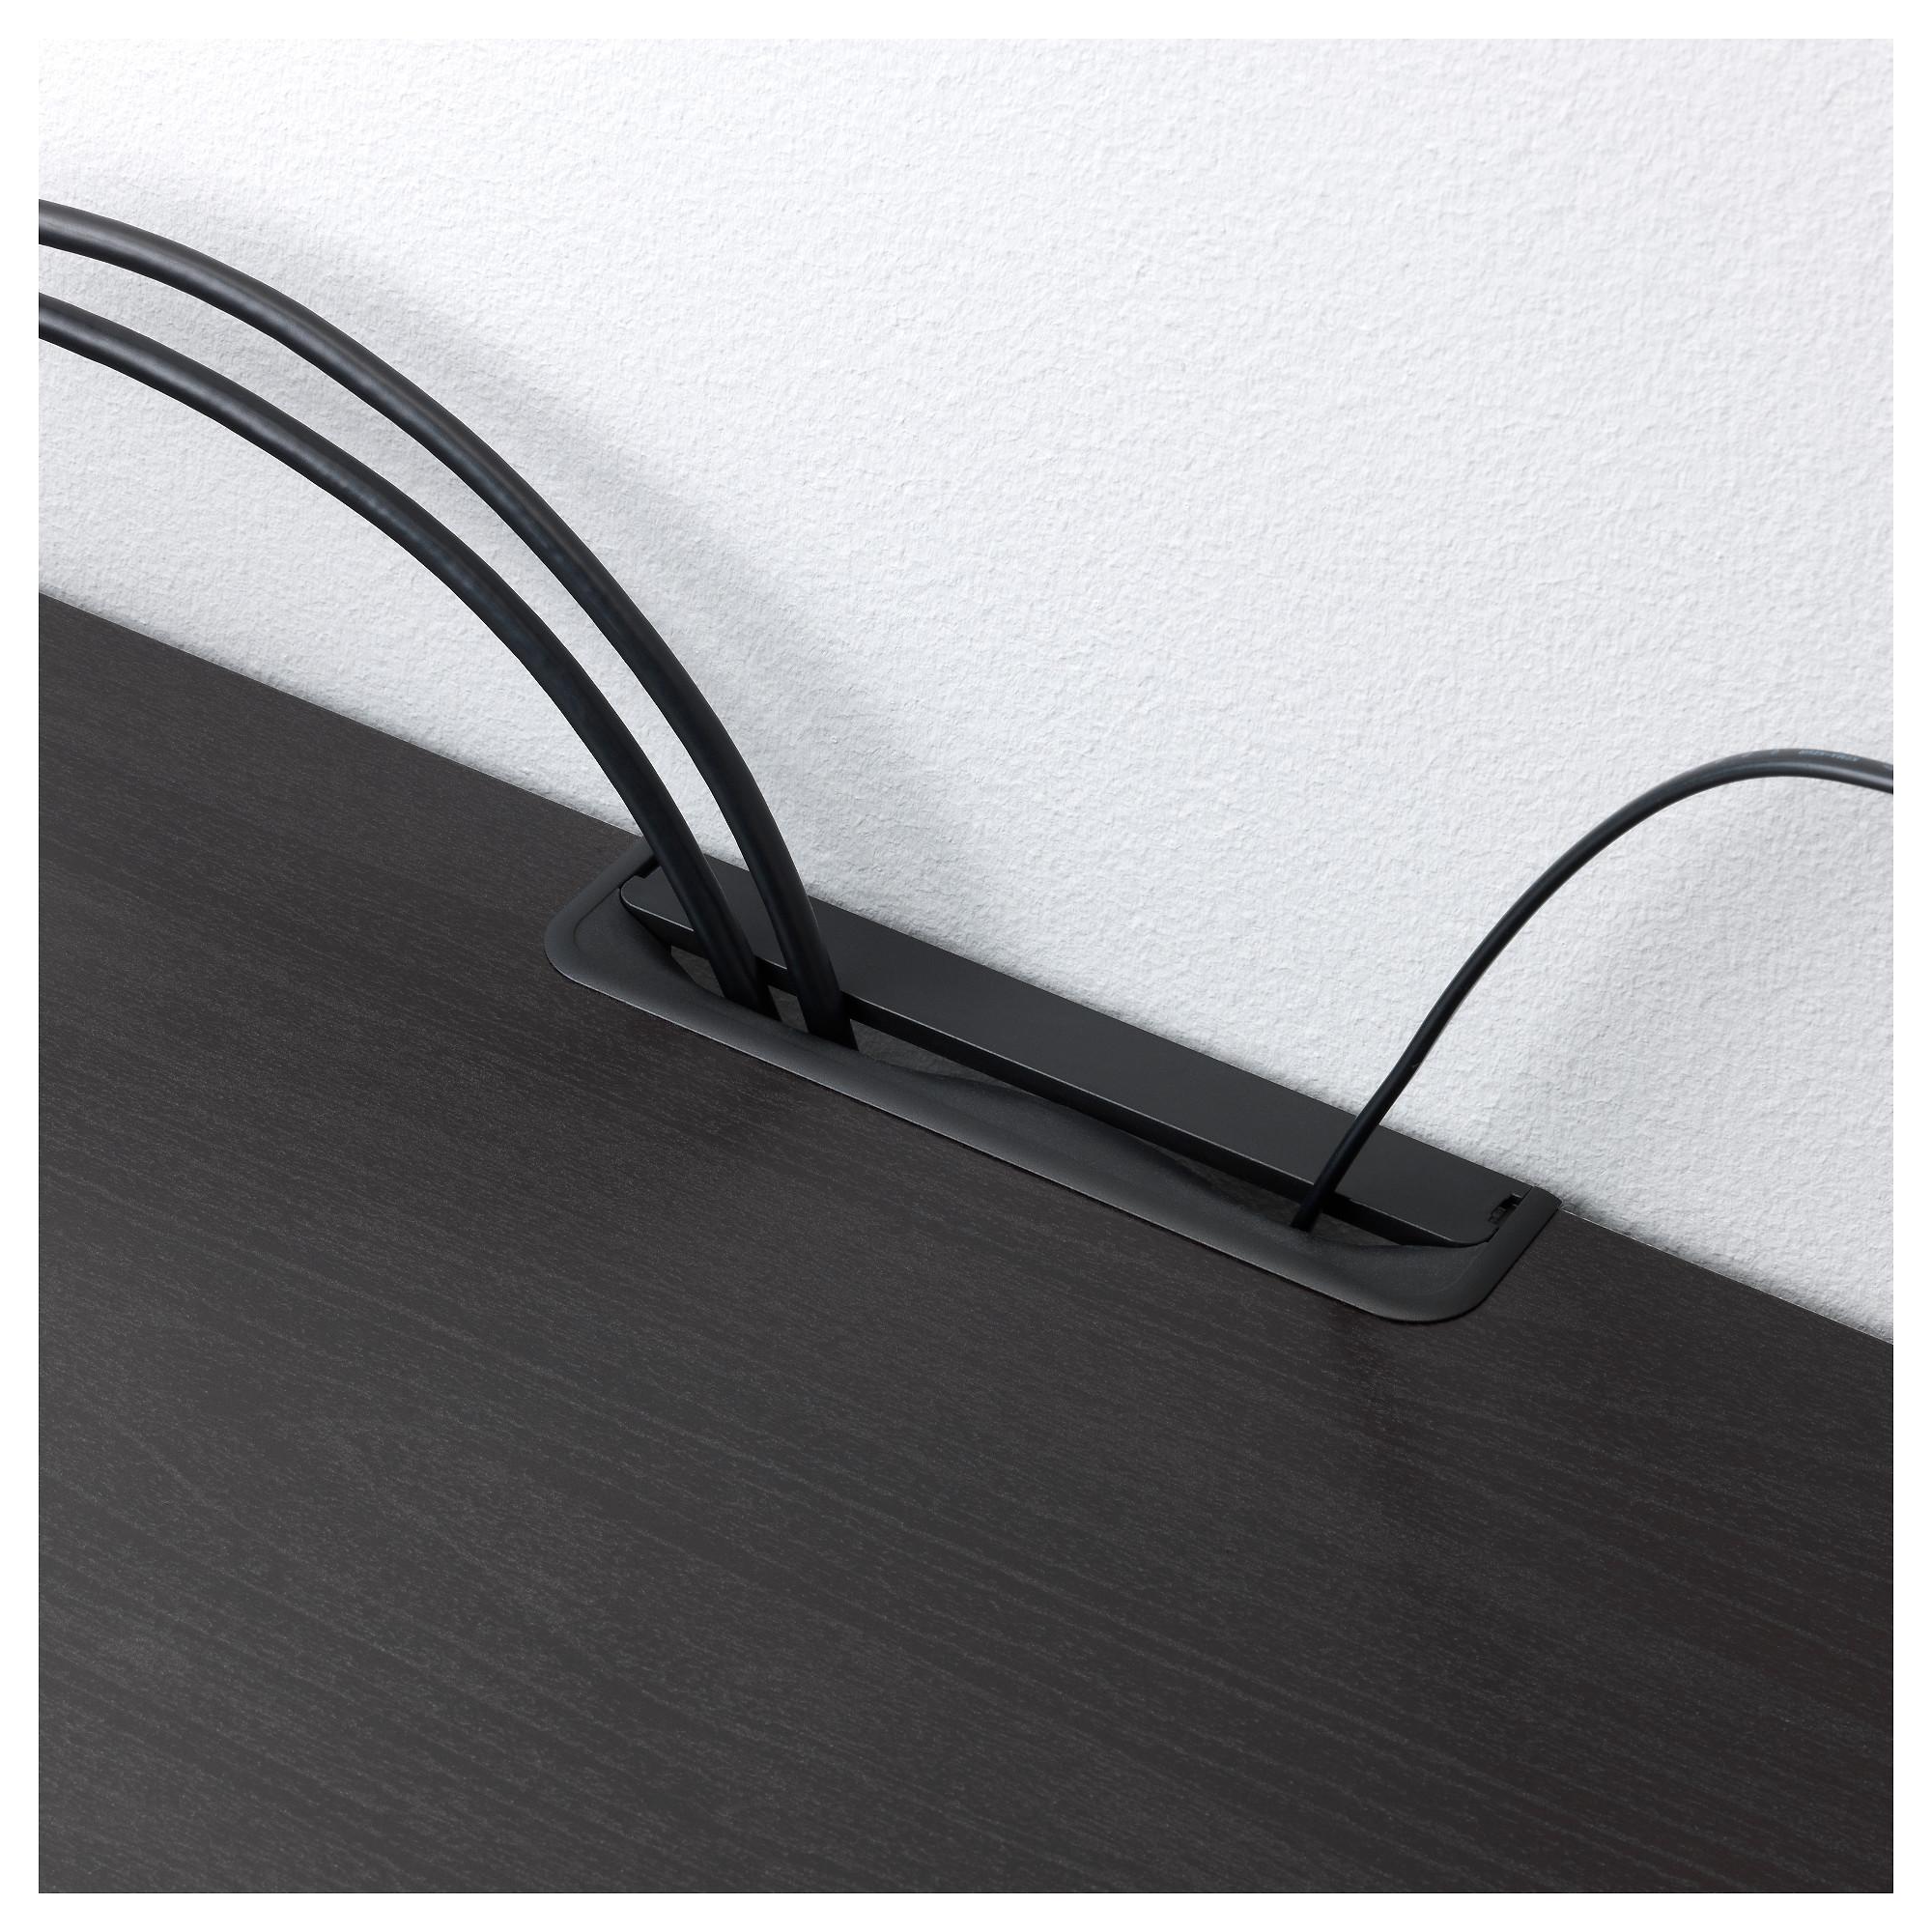 Шкаф для ТВ, комбинированный, стекляные дверцы БЕСТО артикуль № 092.509.33 в наличии. Онлайн каталог IKEA Беларусь. Быстрая доставка и установка.